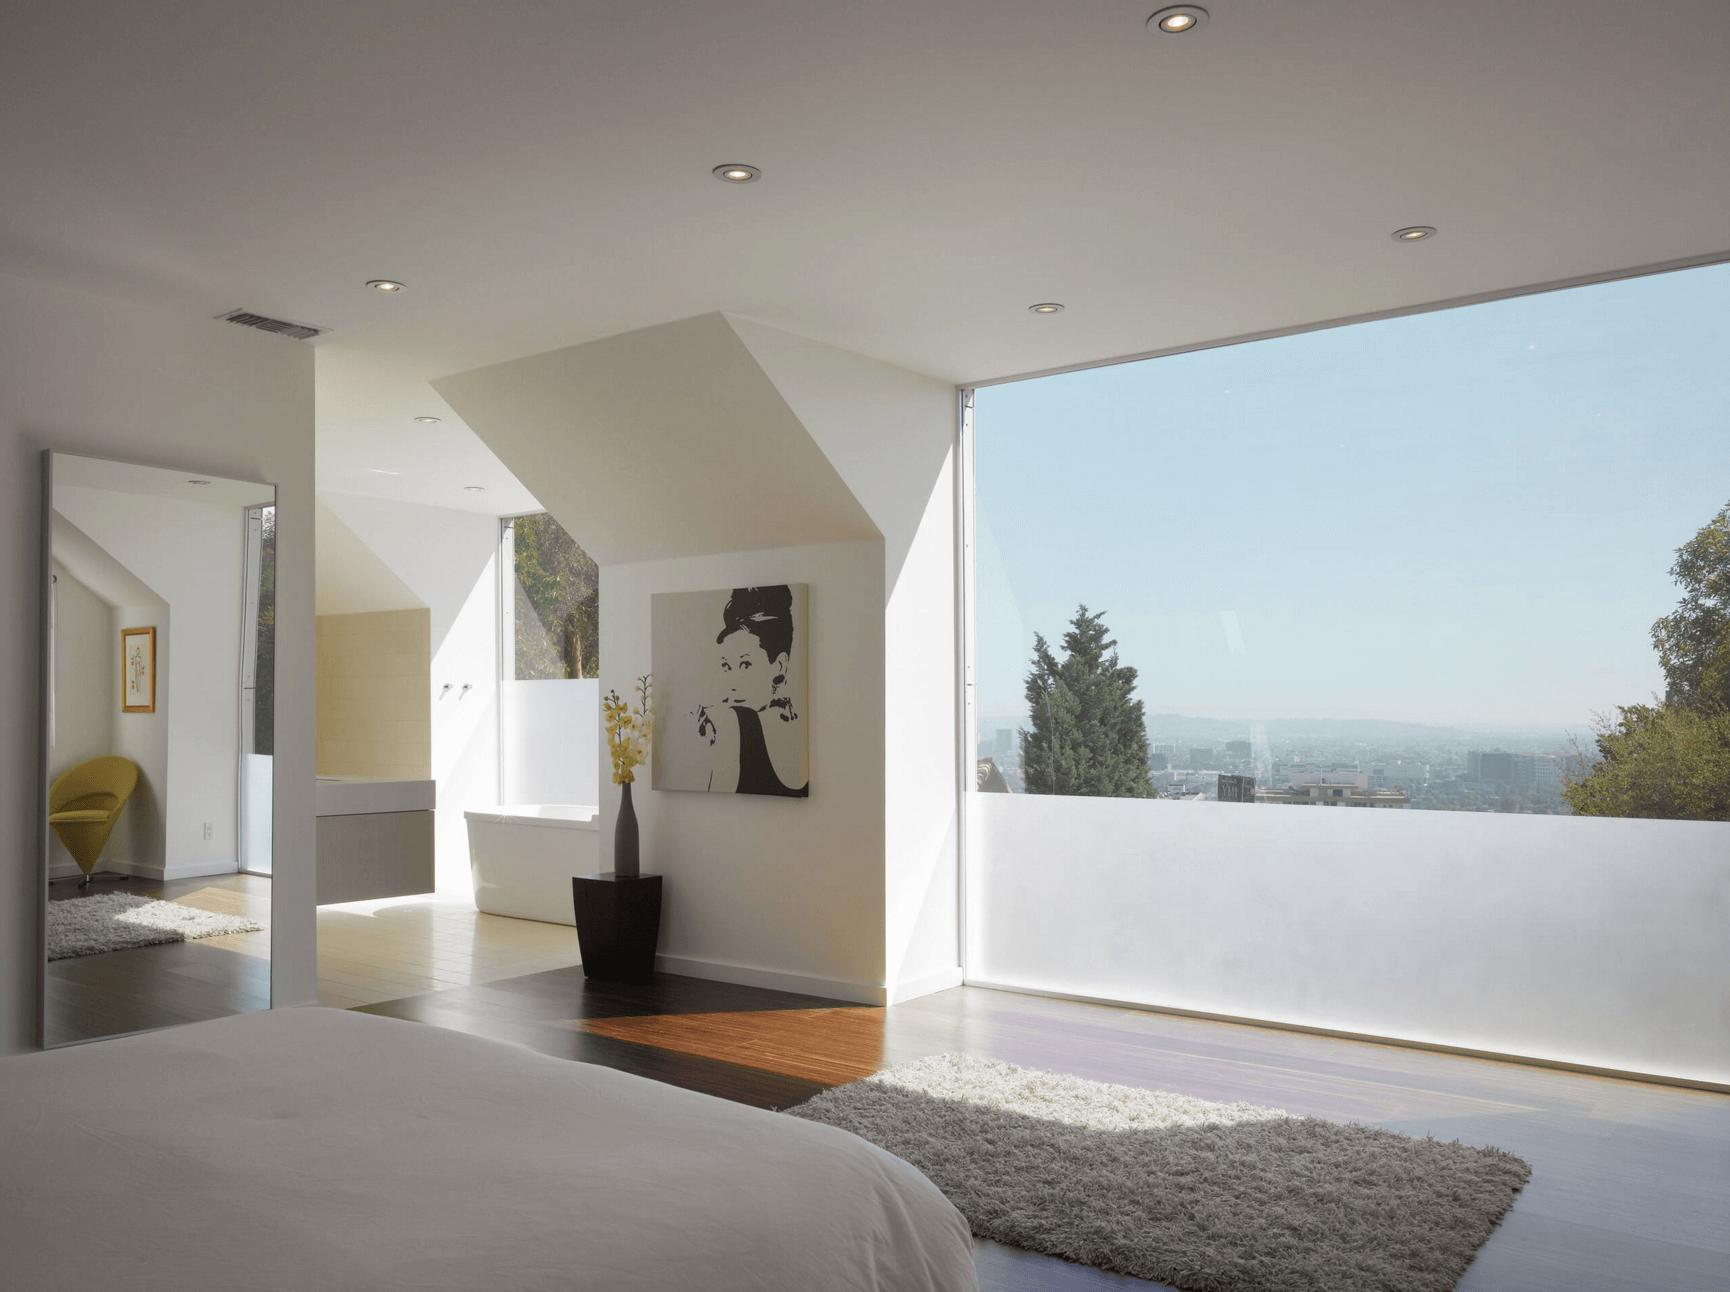 modern window treatments modern window treatment ideas - freshome BGELXQU